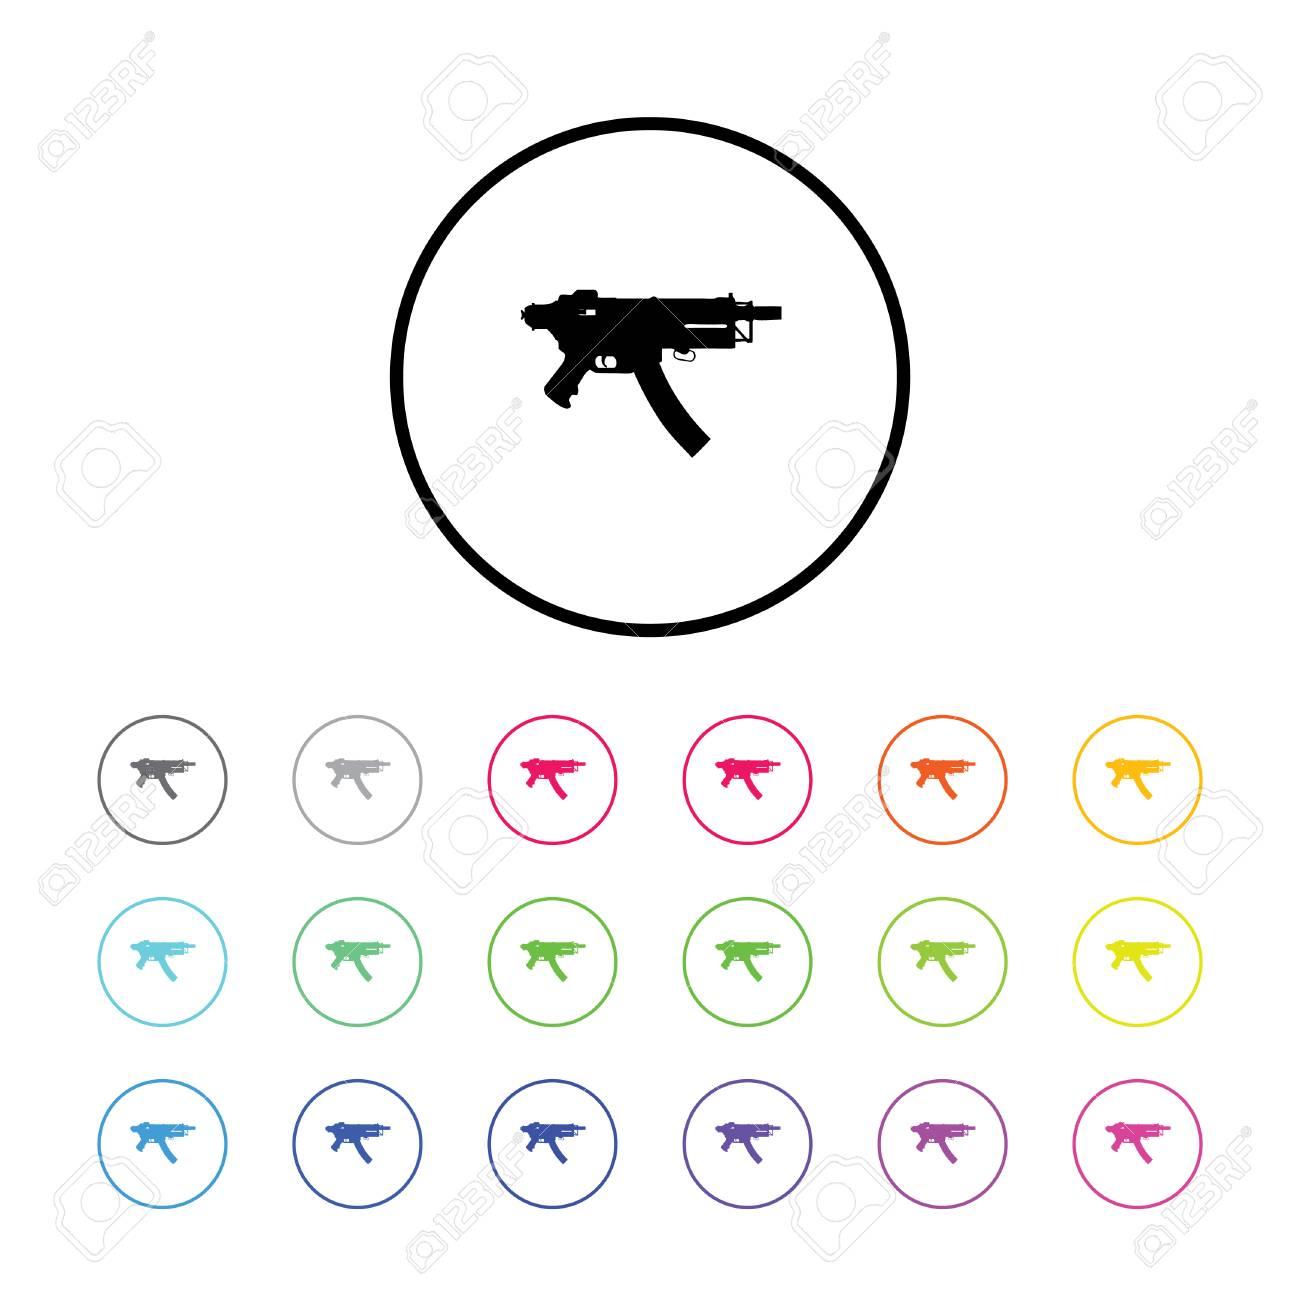 18 カラー バリエーション 銃を持つアイコン イラストのイラスト素材